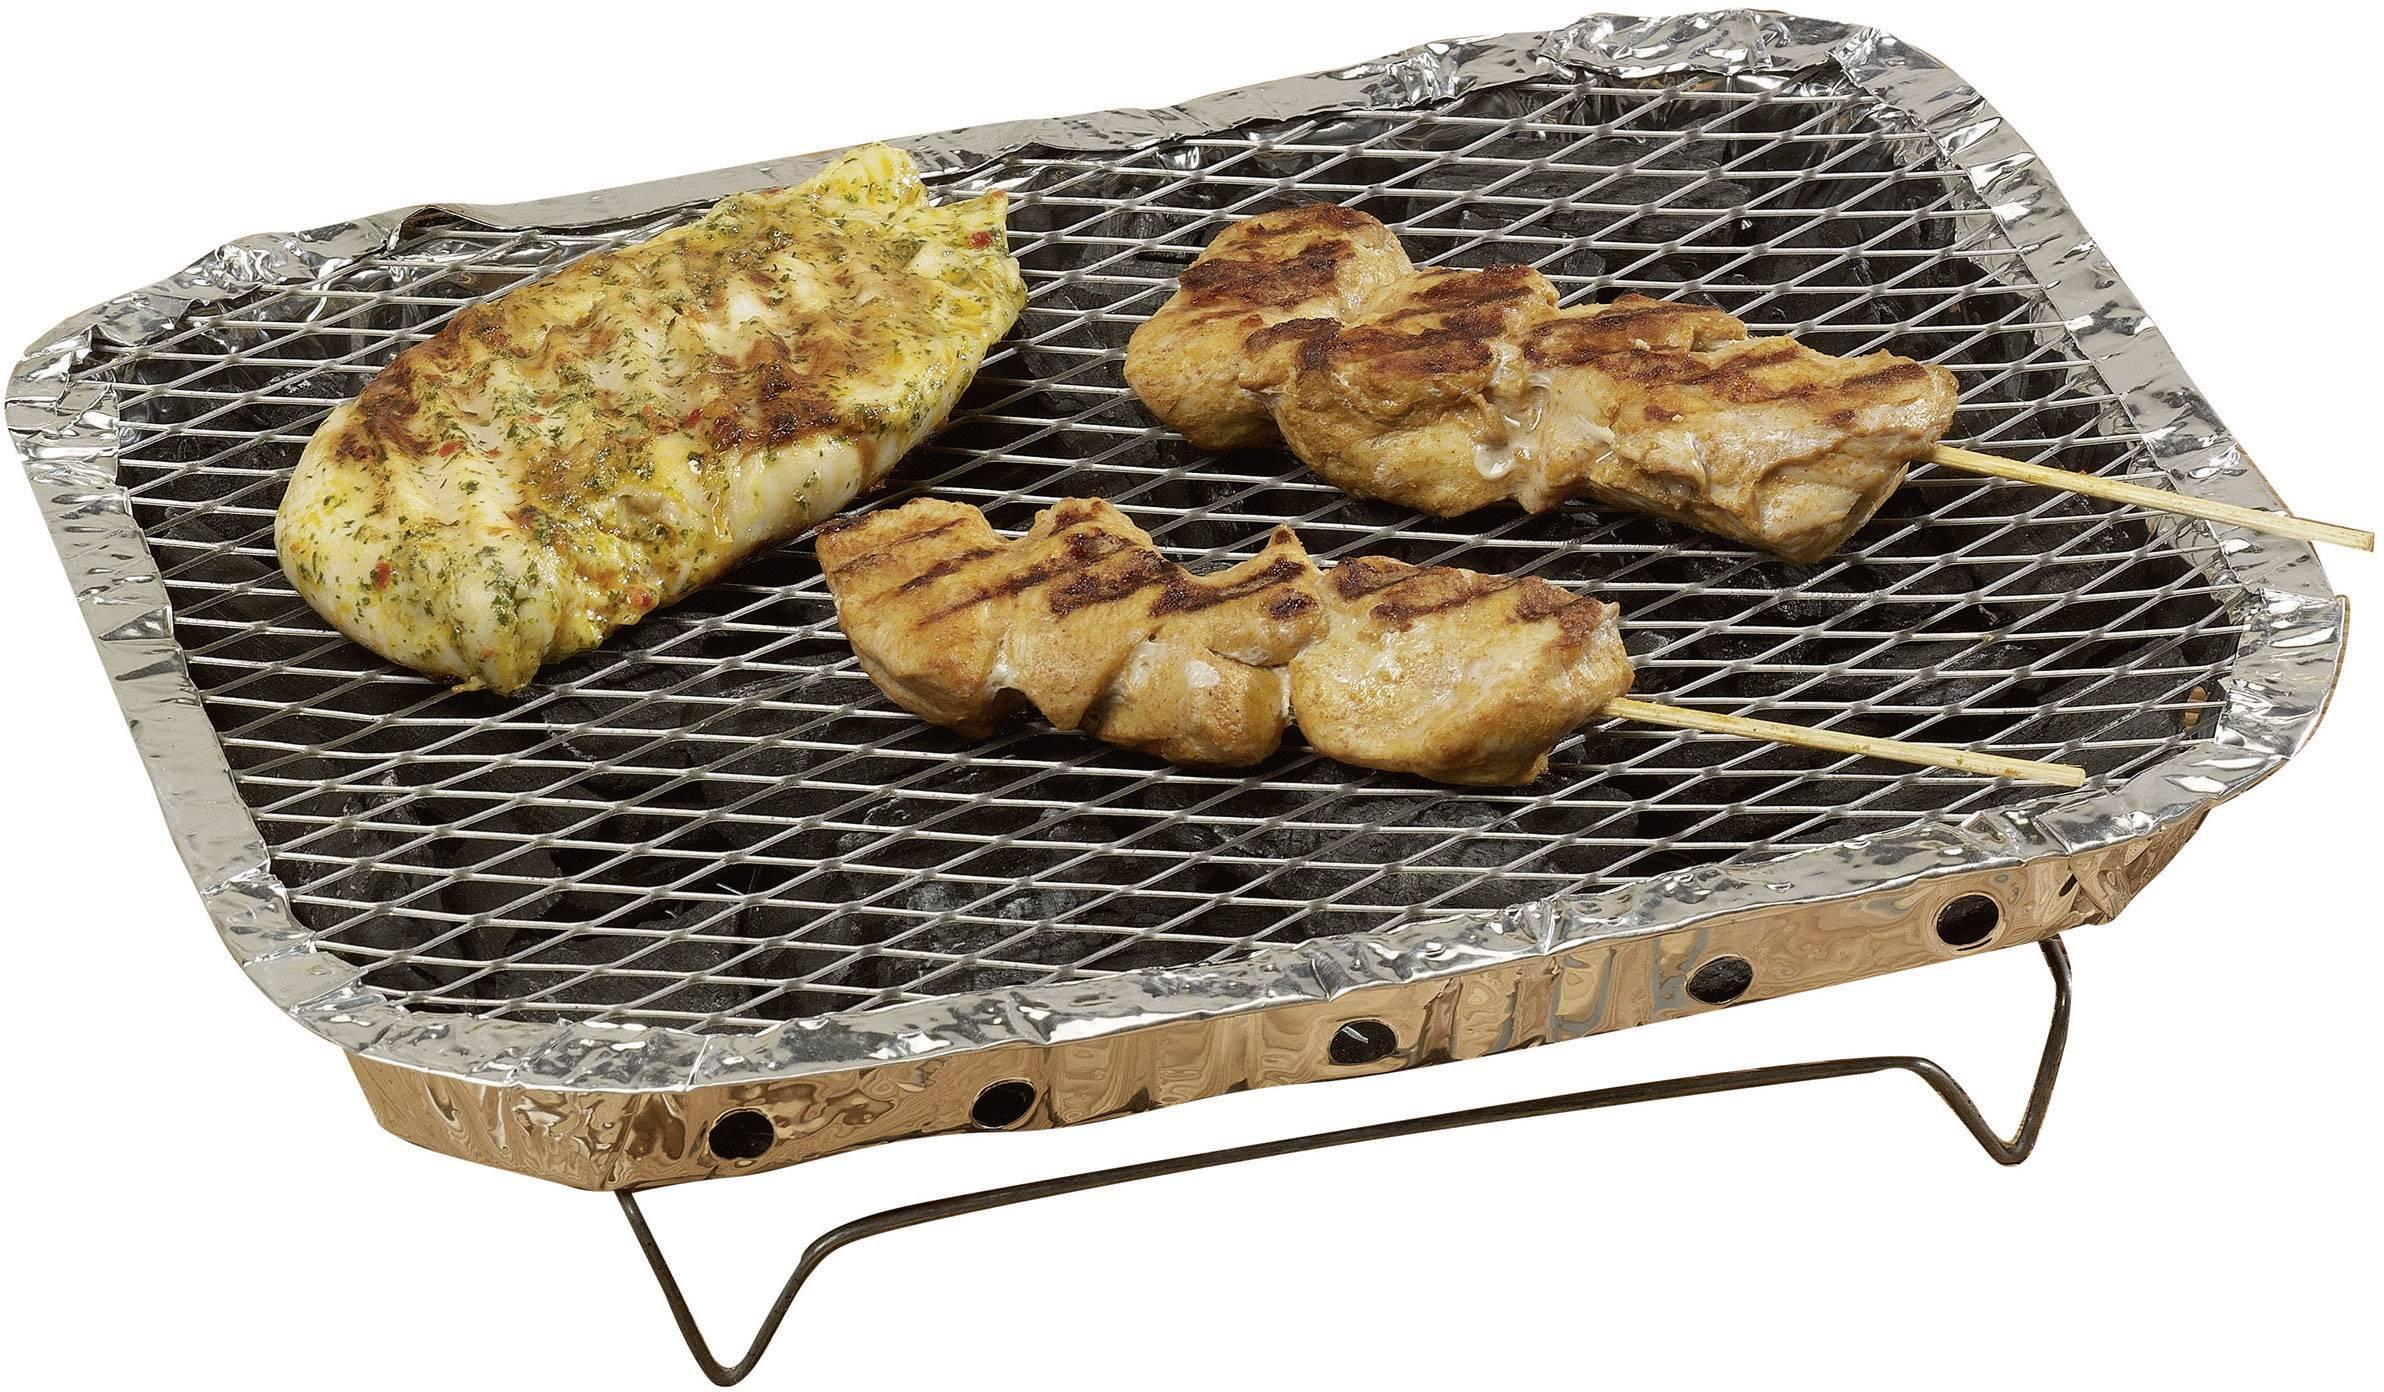 Bester Holzkohlegrill Xl : Xl holzkohle einweg holzkohle grill kaufen